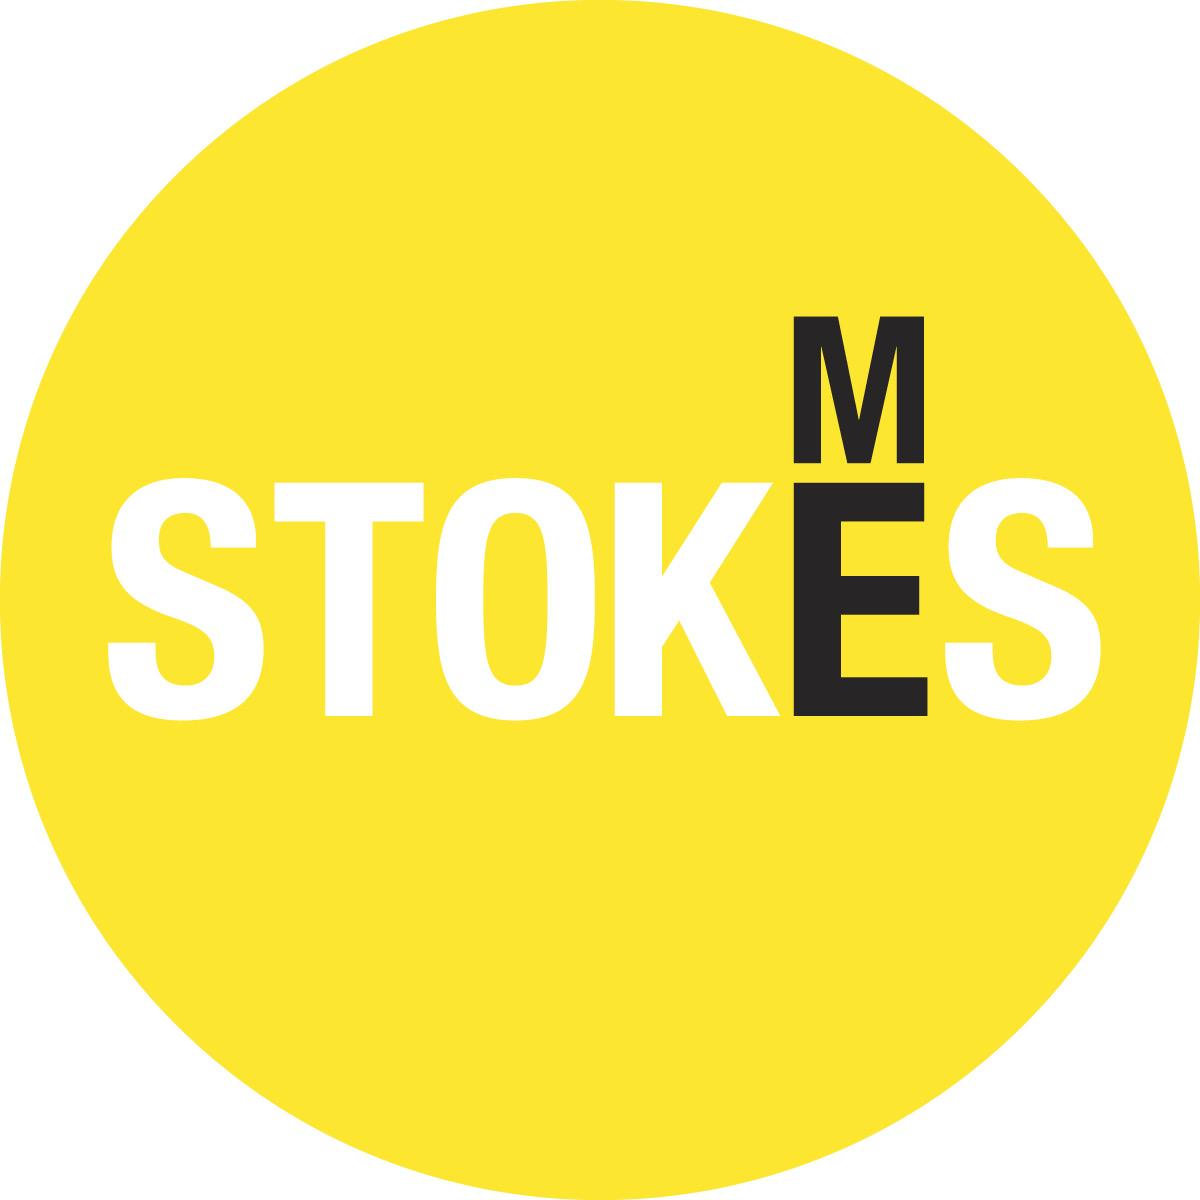 Stokes-Me-logo.jpg